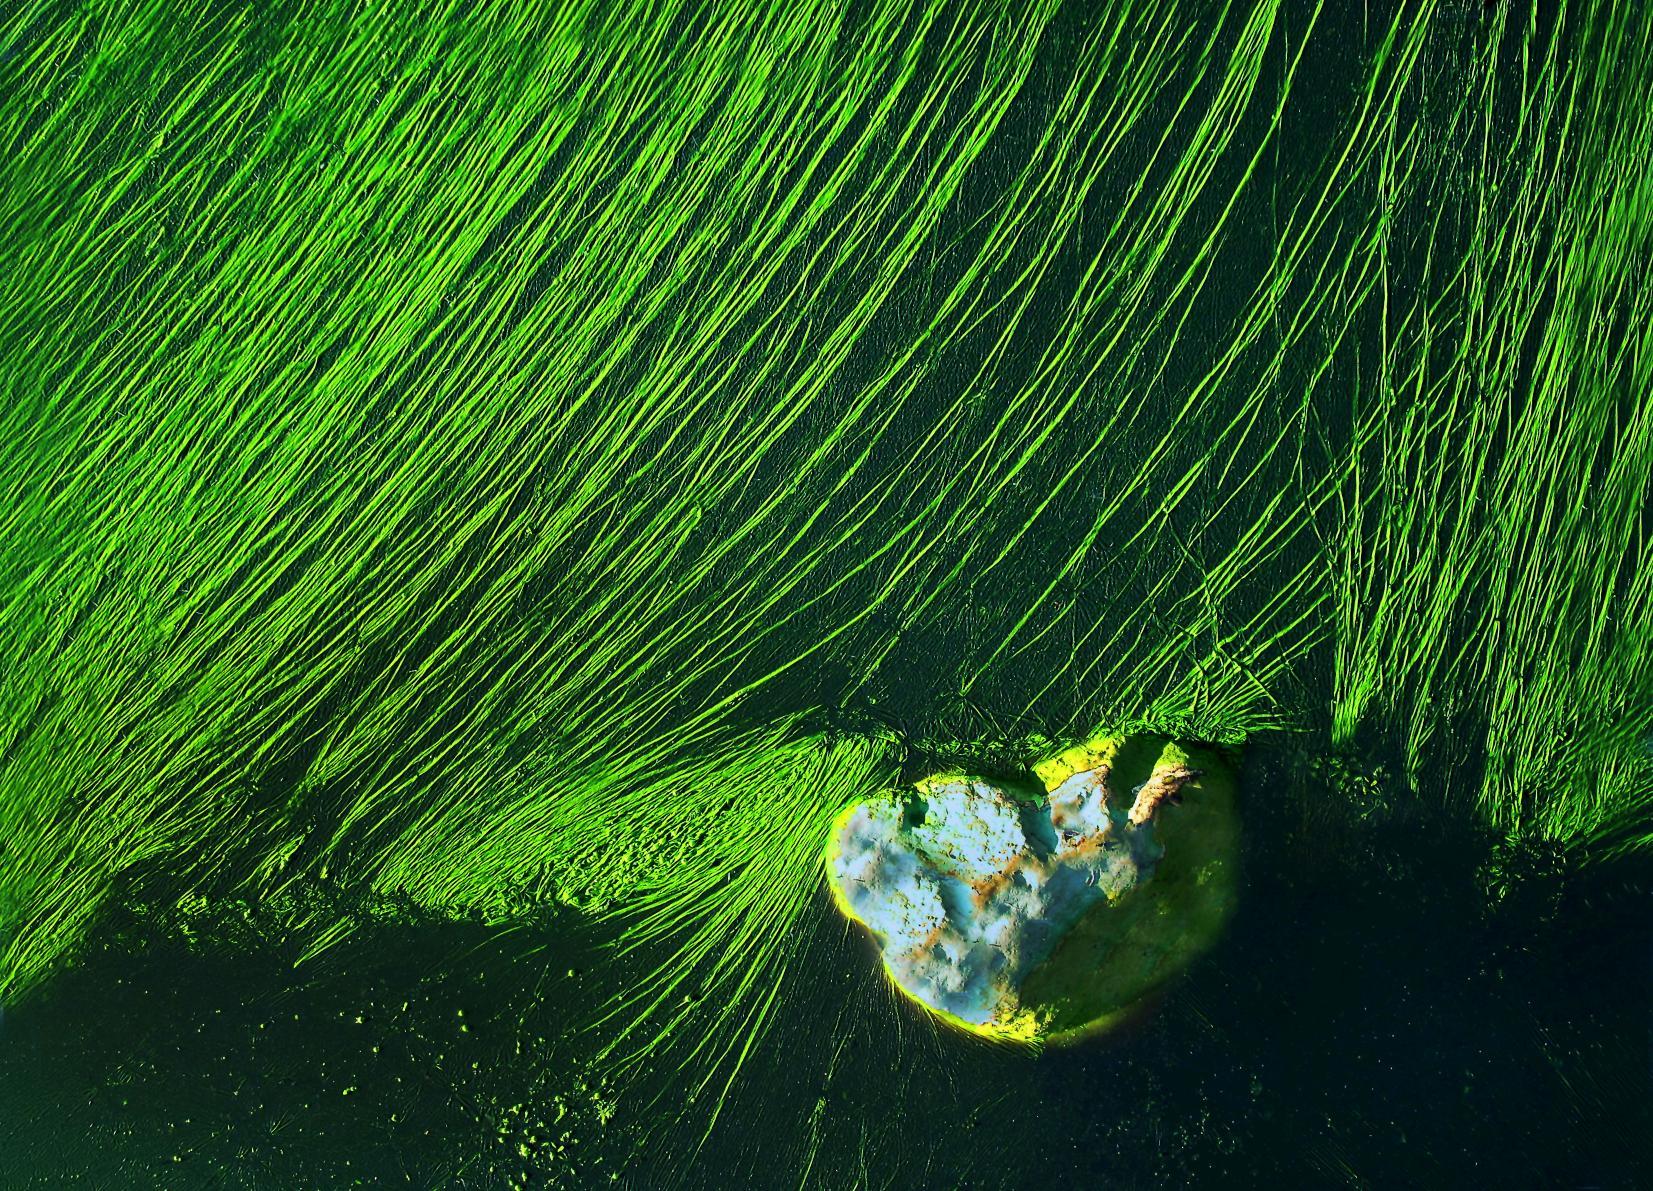 erstes leben algen im wasser 2 enstehung der welt bilder im austria forum. Black Bedroom Furniture Sets. Home Design Ideas